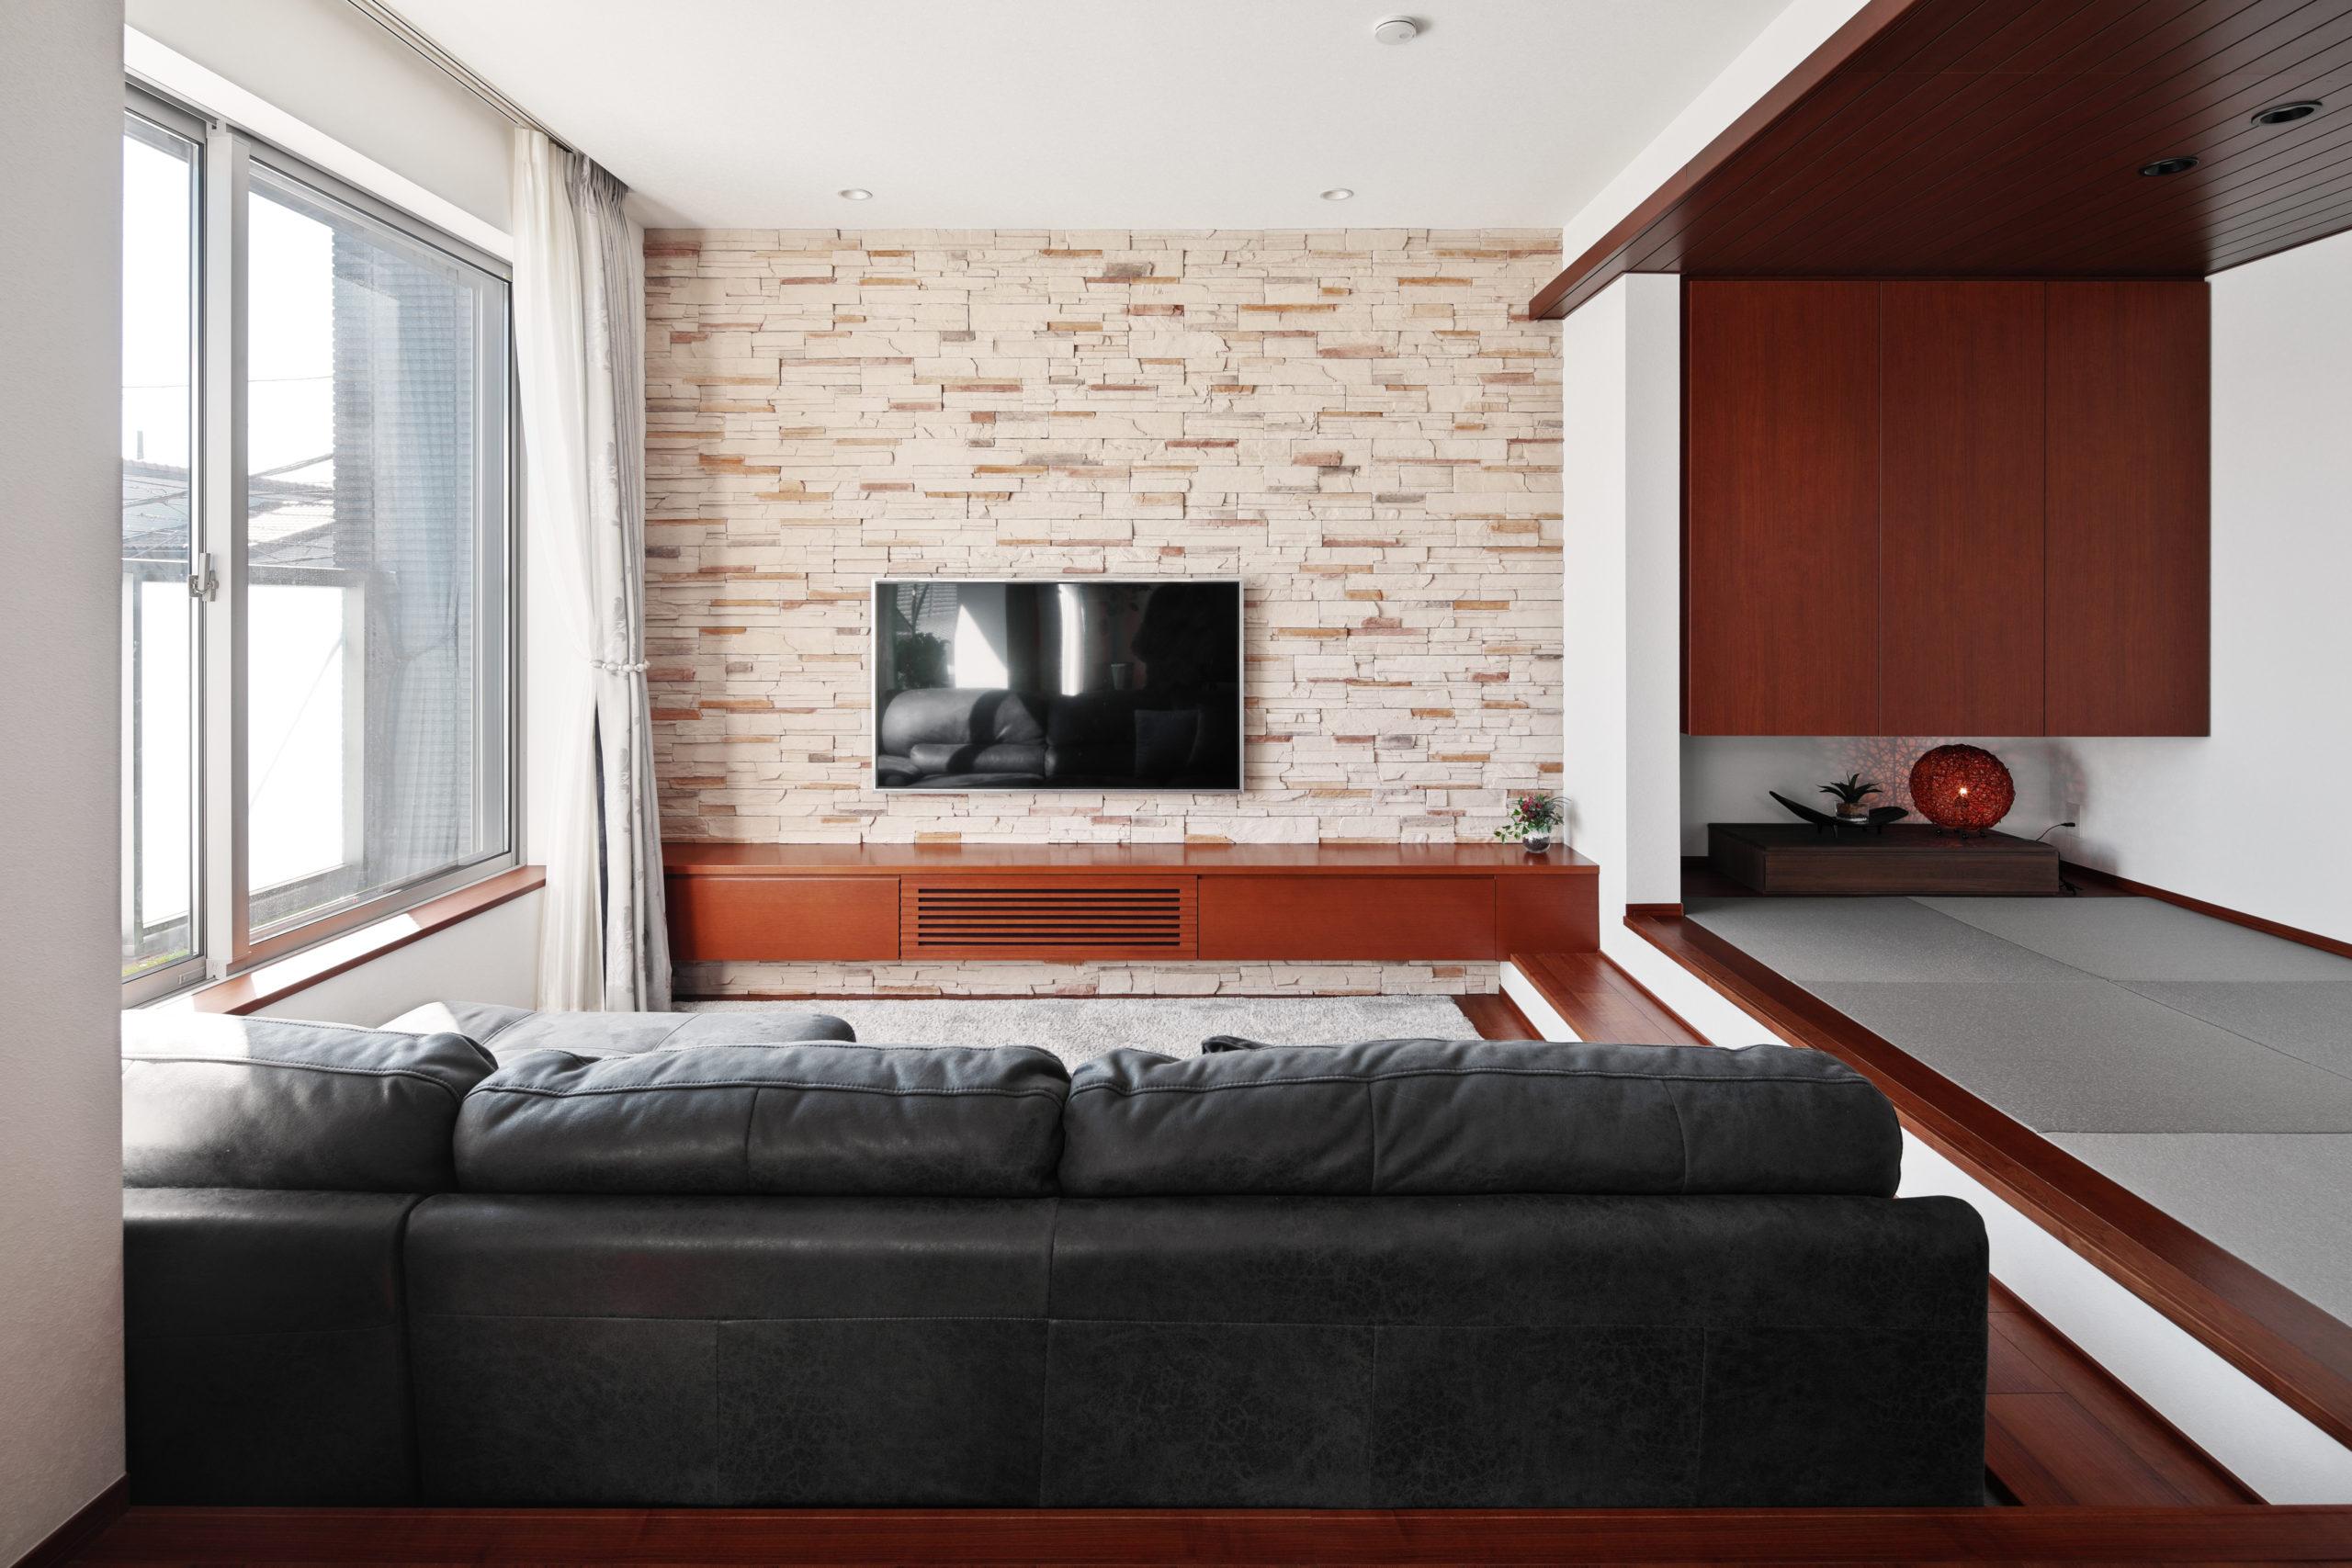 ダウンフロアリビングのTV背面の壁は凸凹感のあるタイル仕上げ